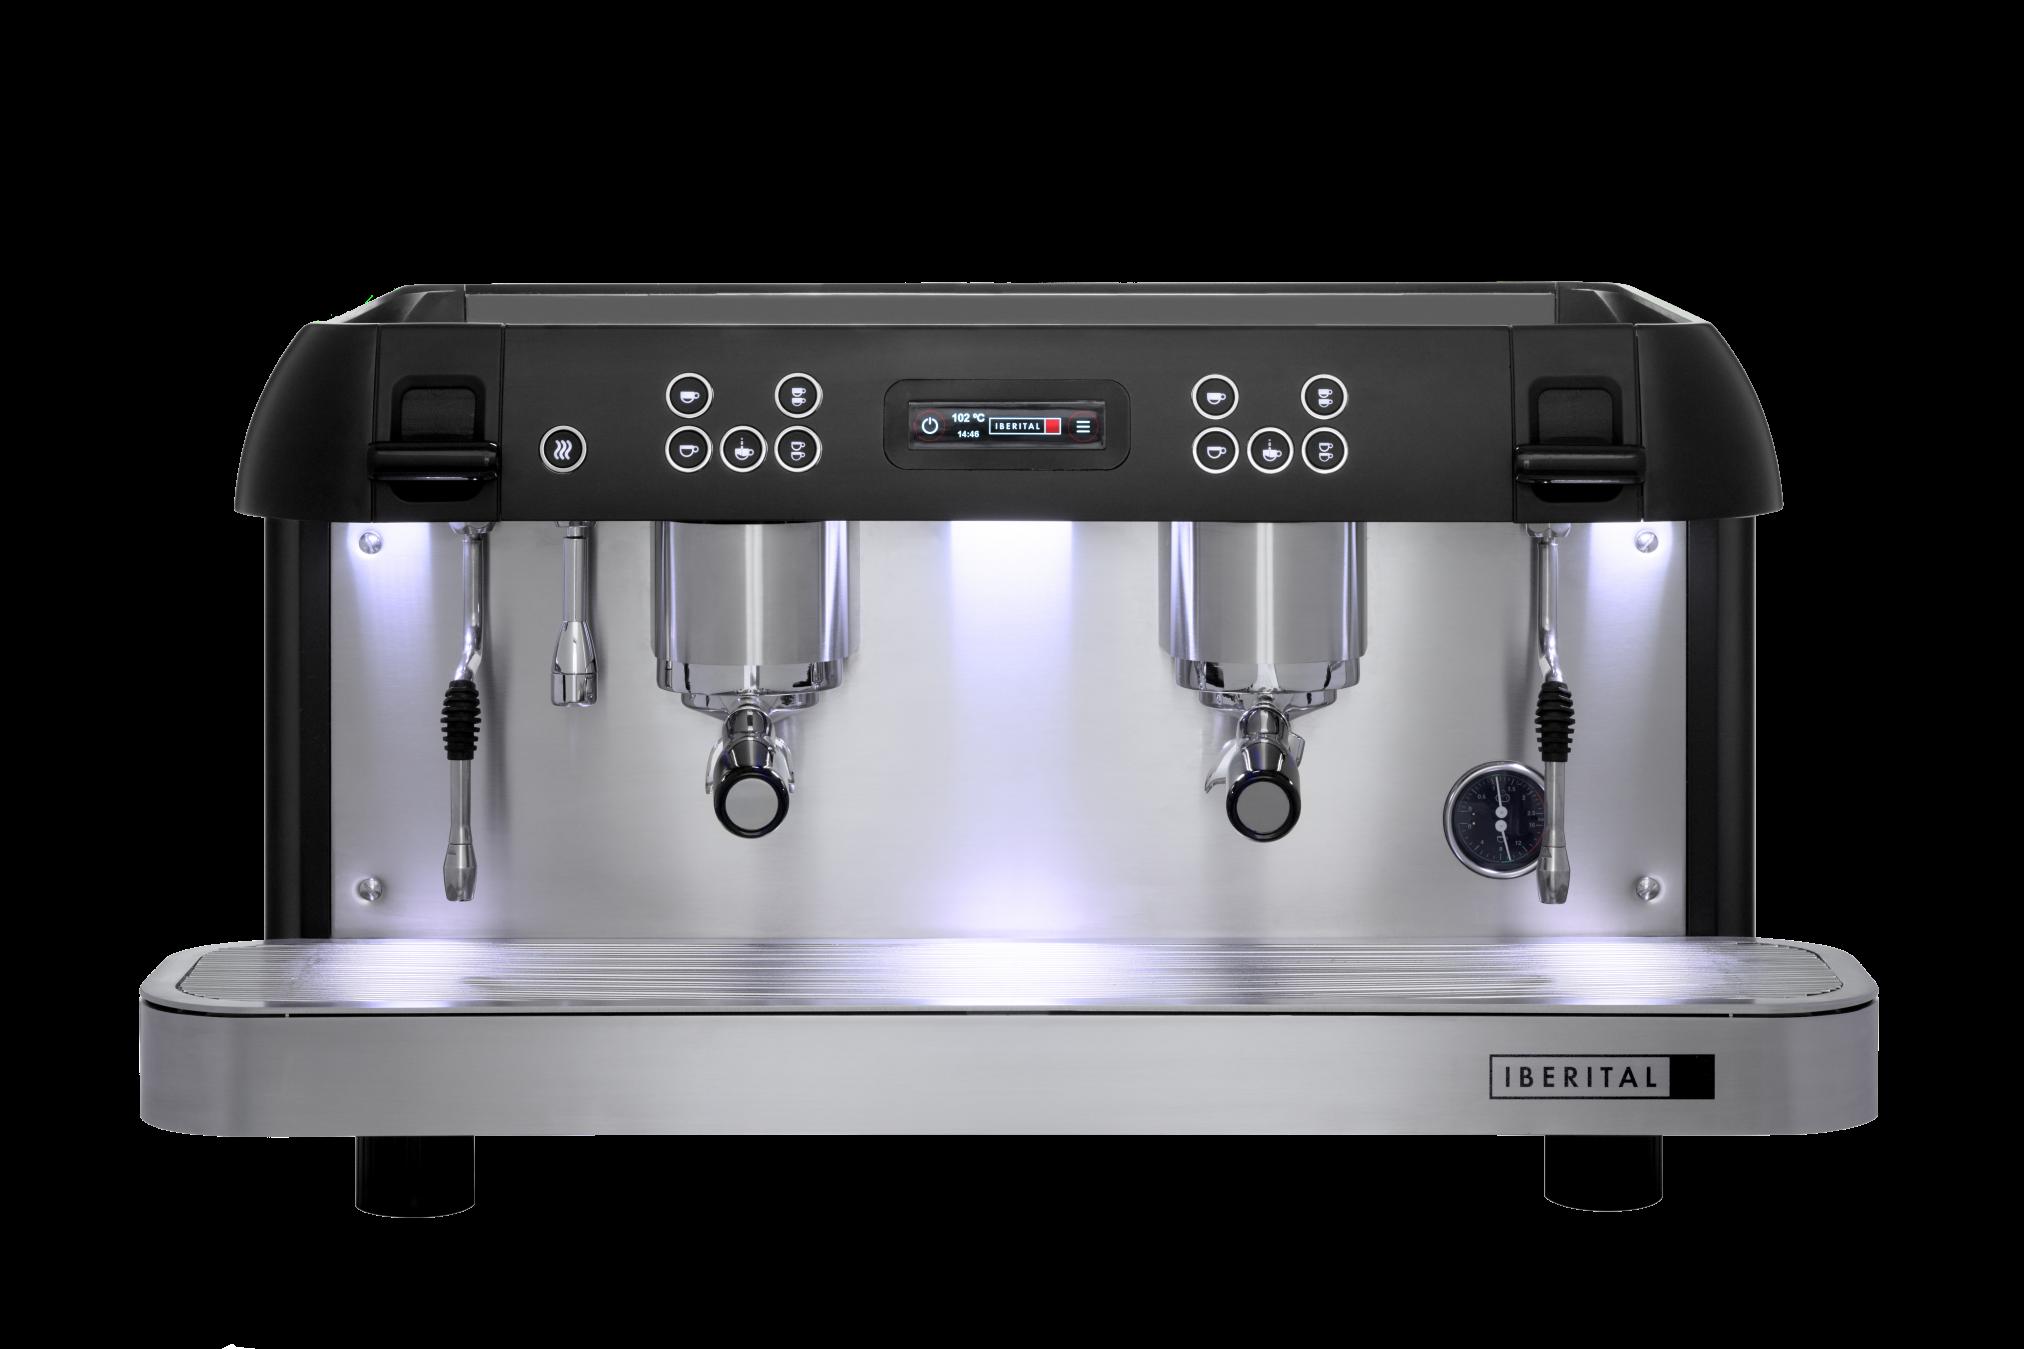 Професійні кавоварки та кавомолки - Iberital Expression Pro